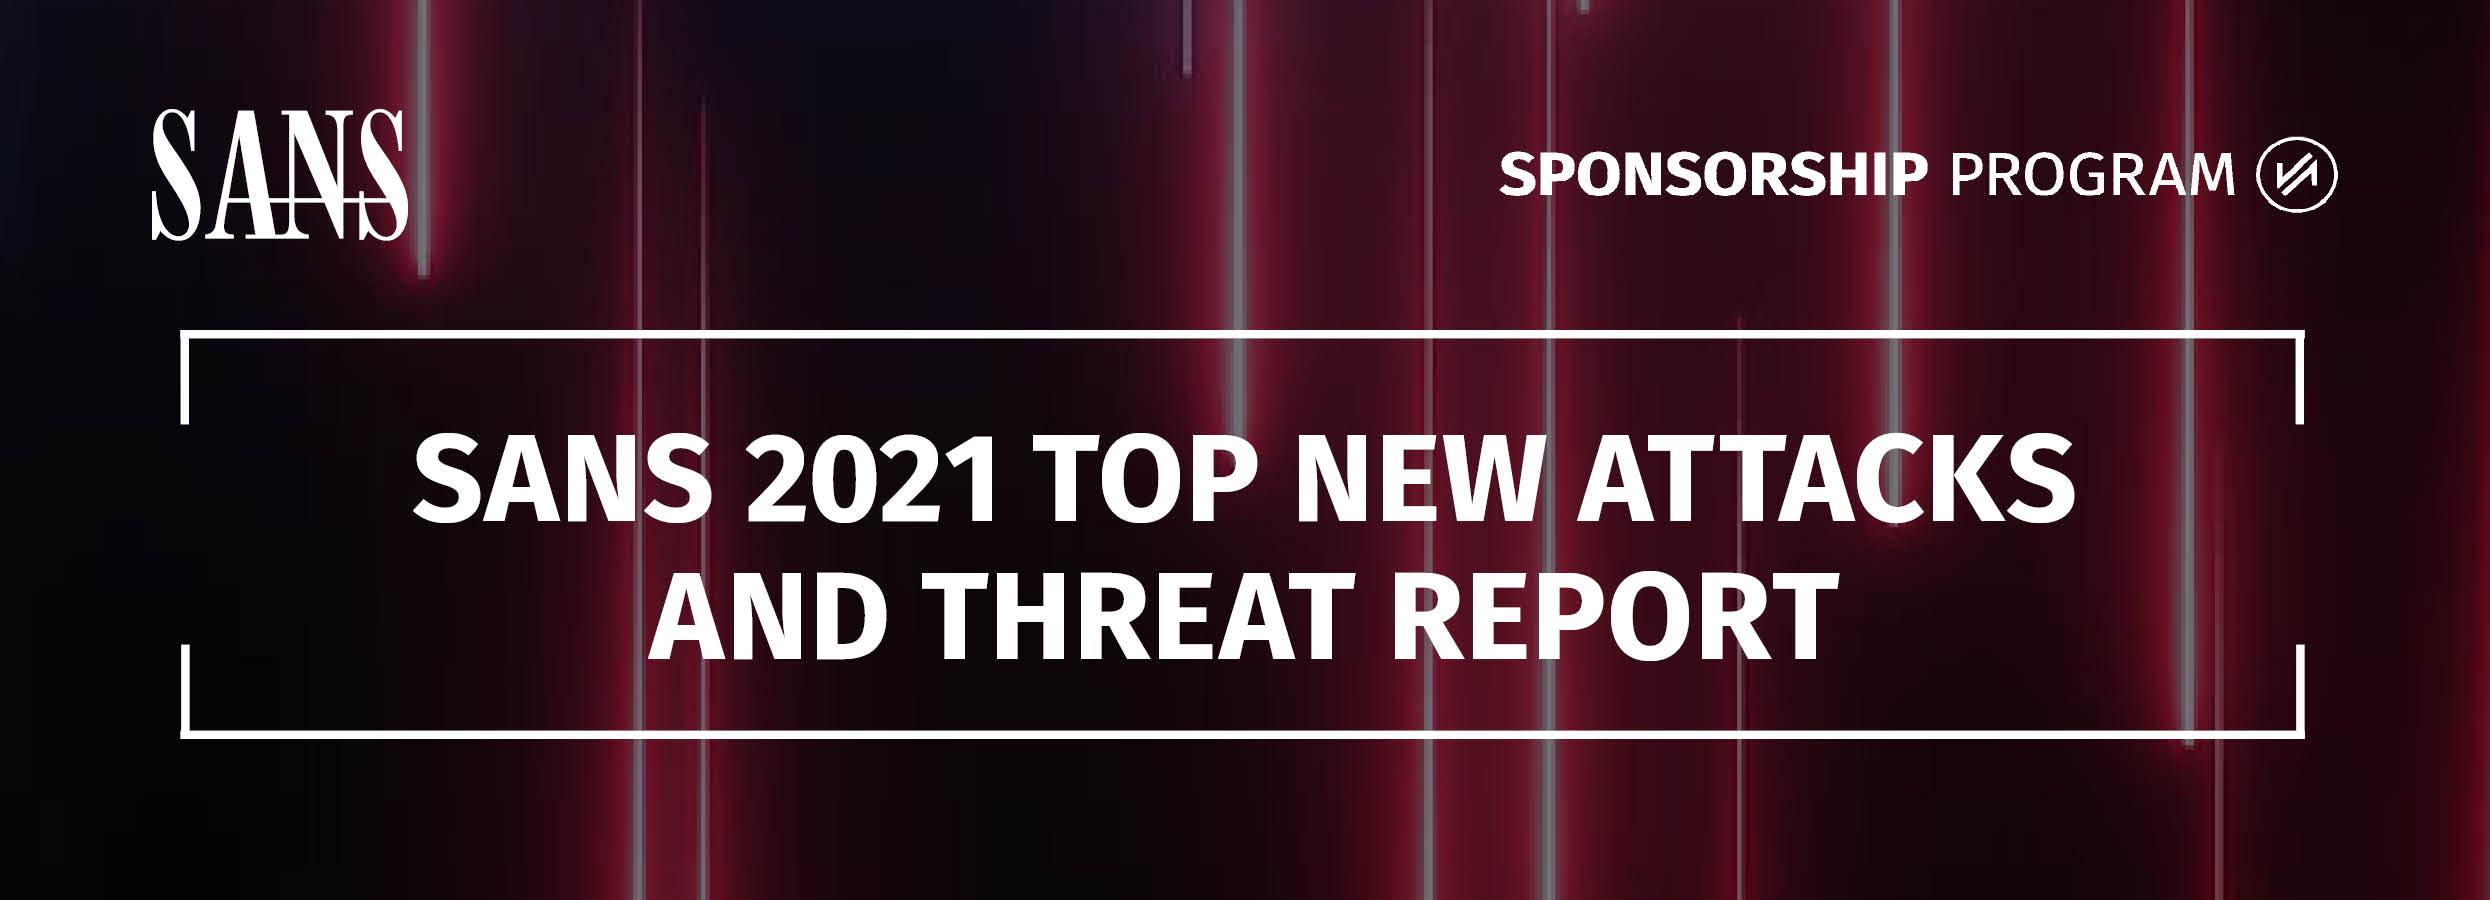 Top_New_Attacks_7.27.jpg